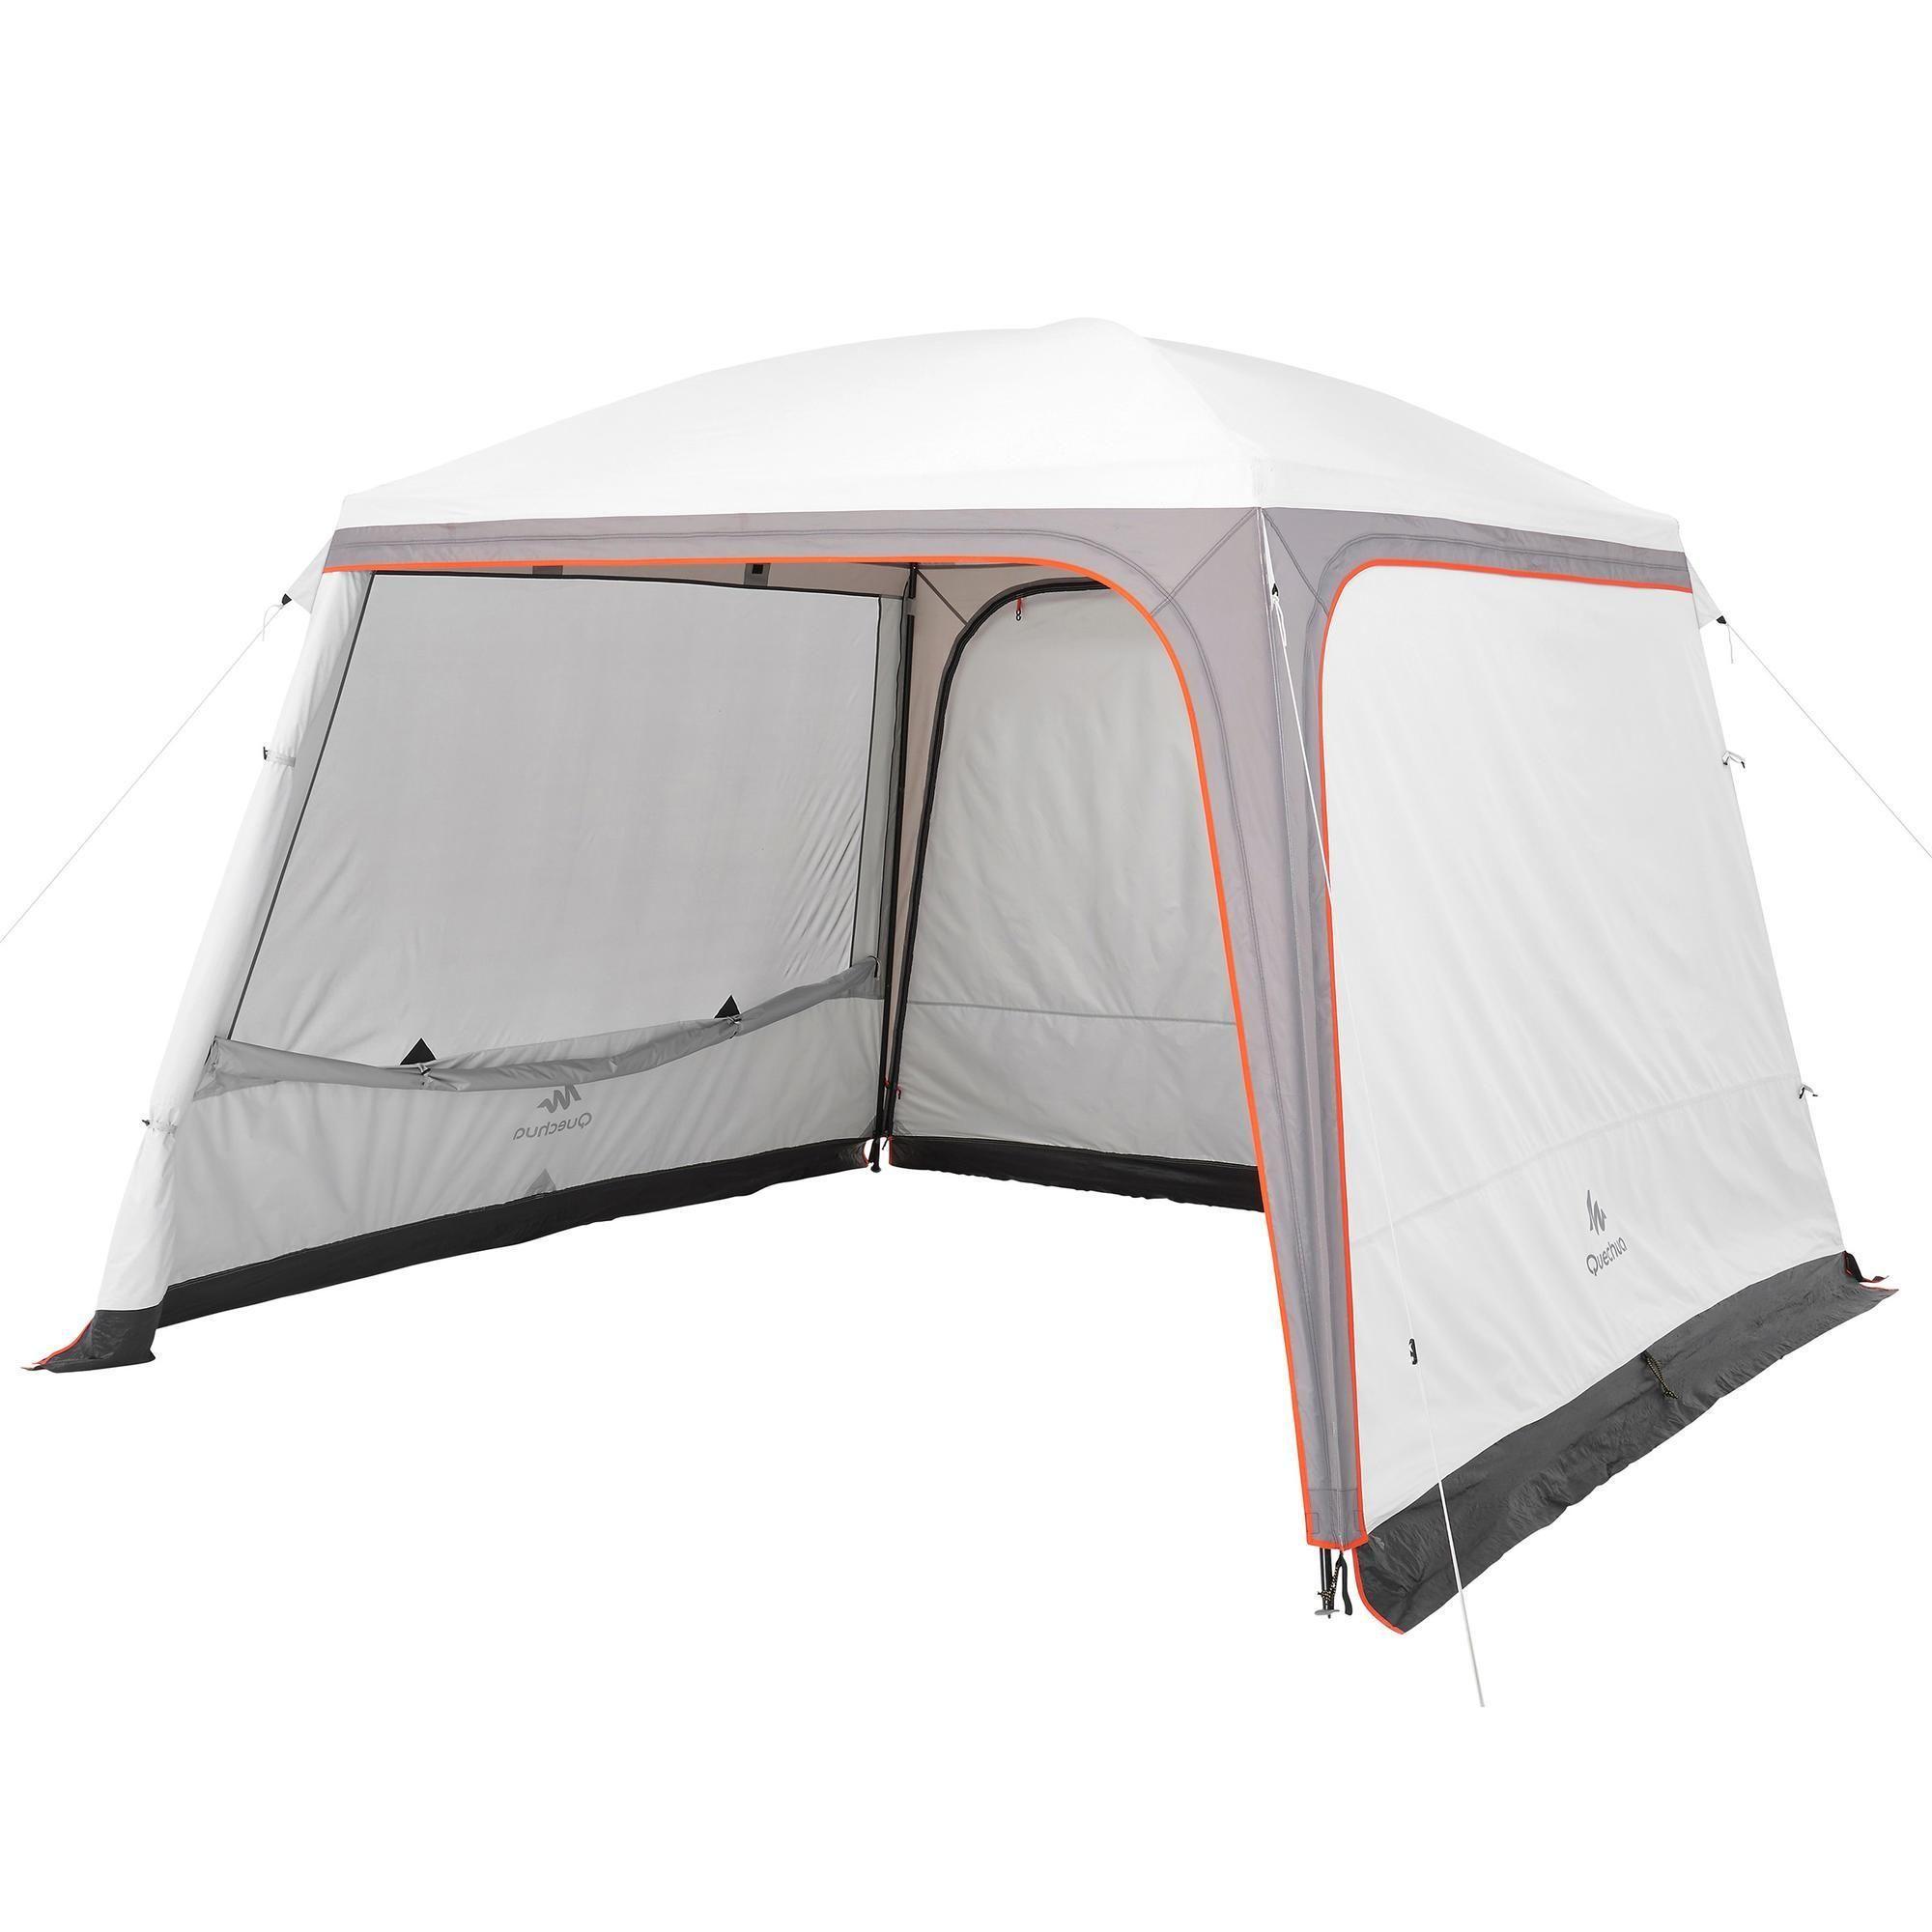 Decathlon Quechua Quechua Pavillon Arpenaz 3 3 M Turen 10 Personen Camping Lsf 50 Freshblack Weiss 3608 Camping Pavillon Camping Zelt Camping